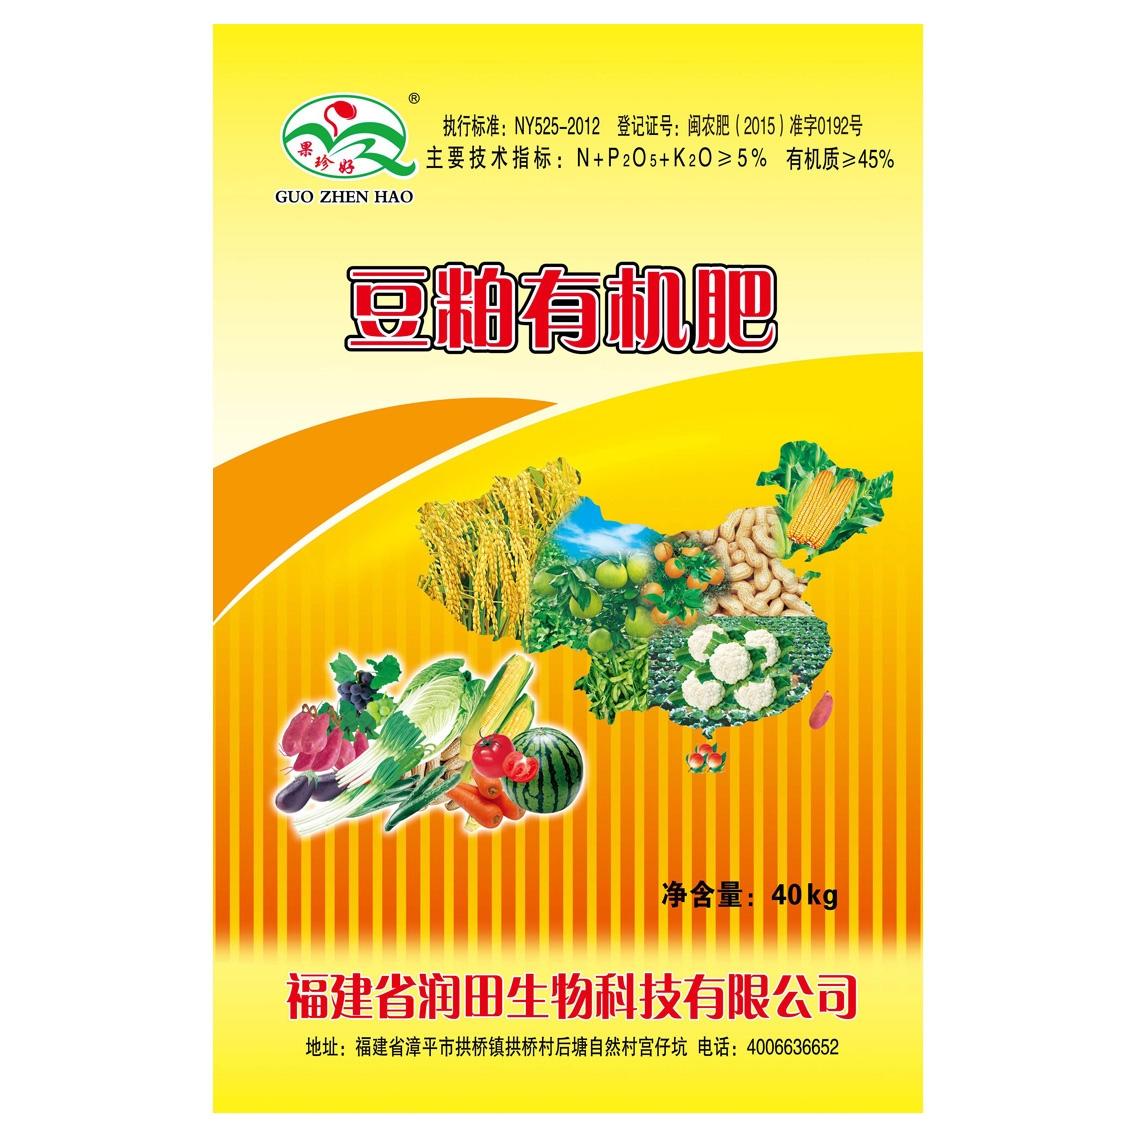 豆粕有机肥使用效果